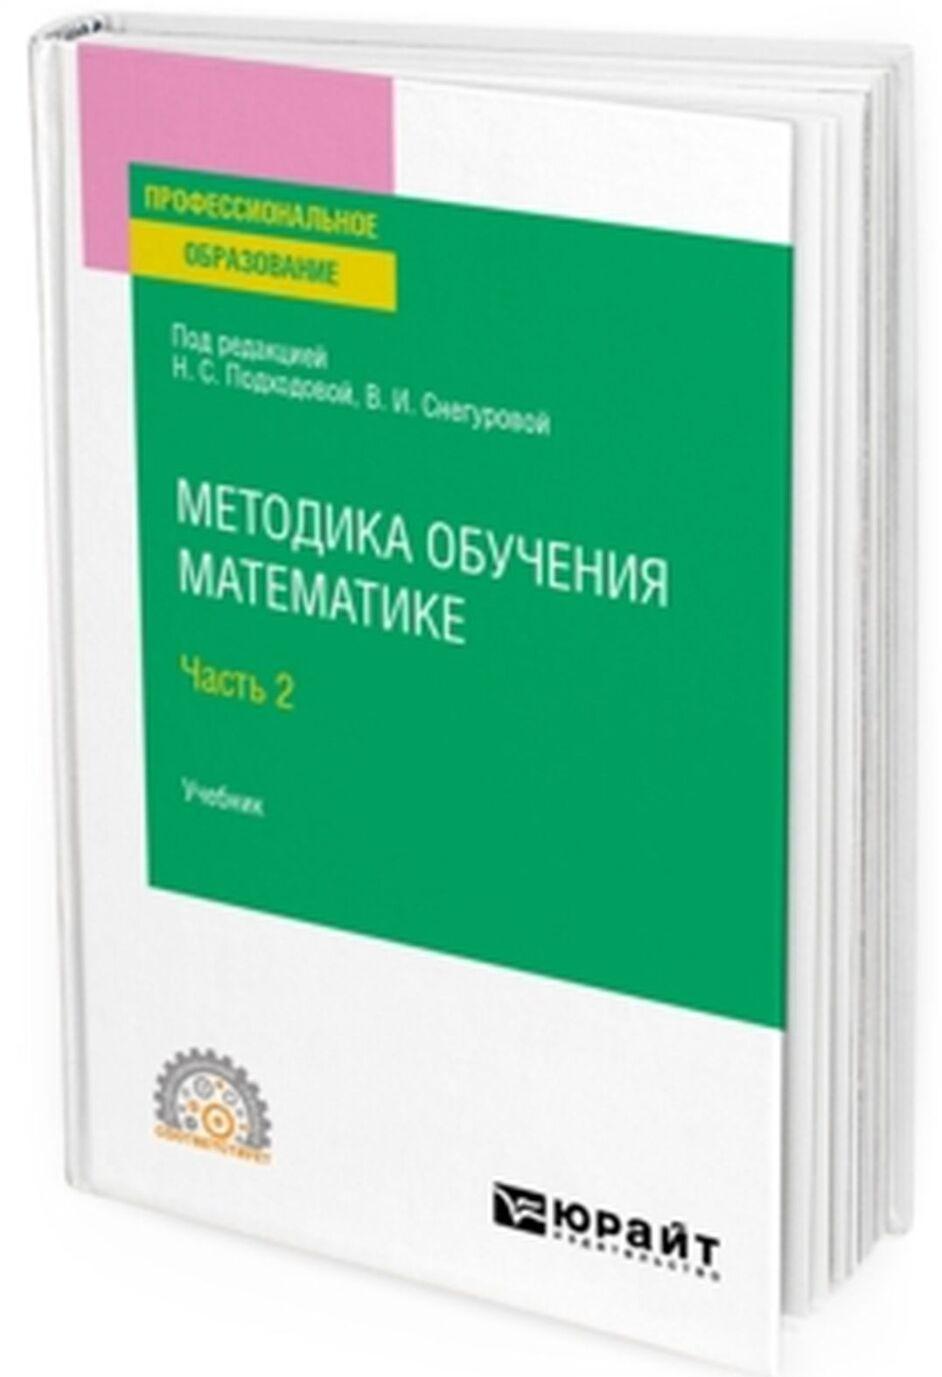 Metodika obuchenija matematike v 2 ch. Chast 2. Uchebnik dlja SPO